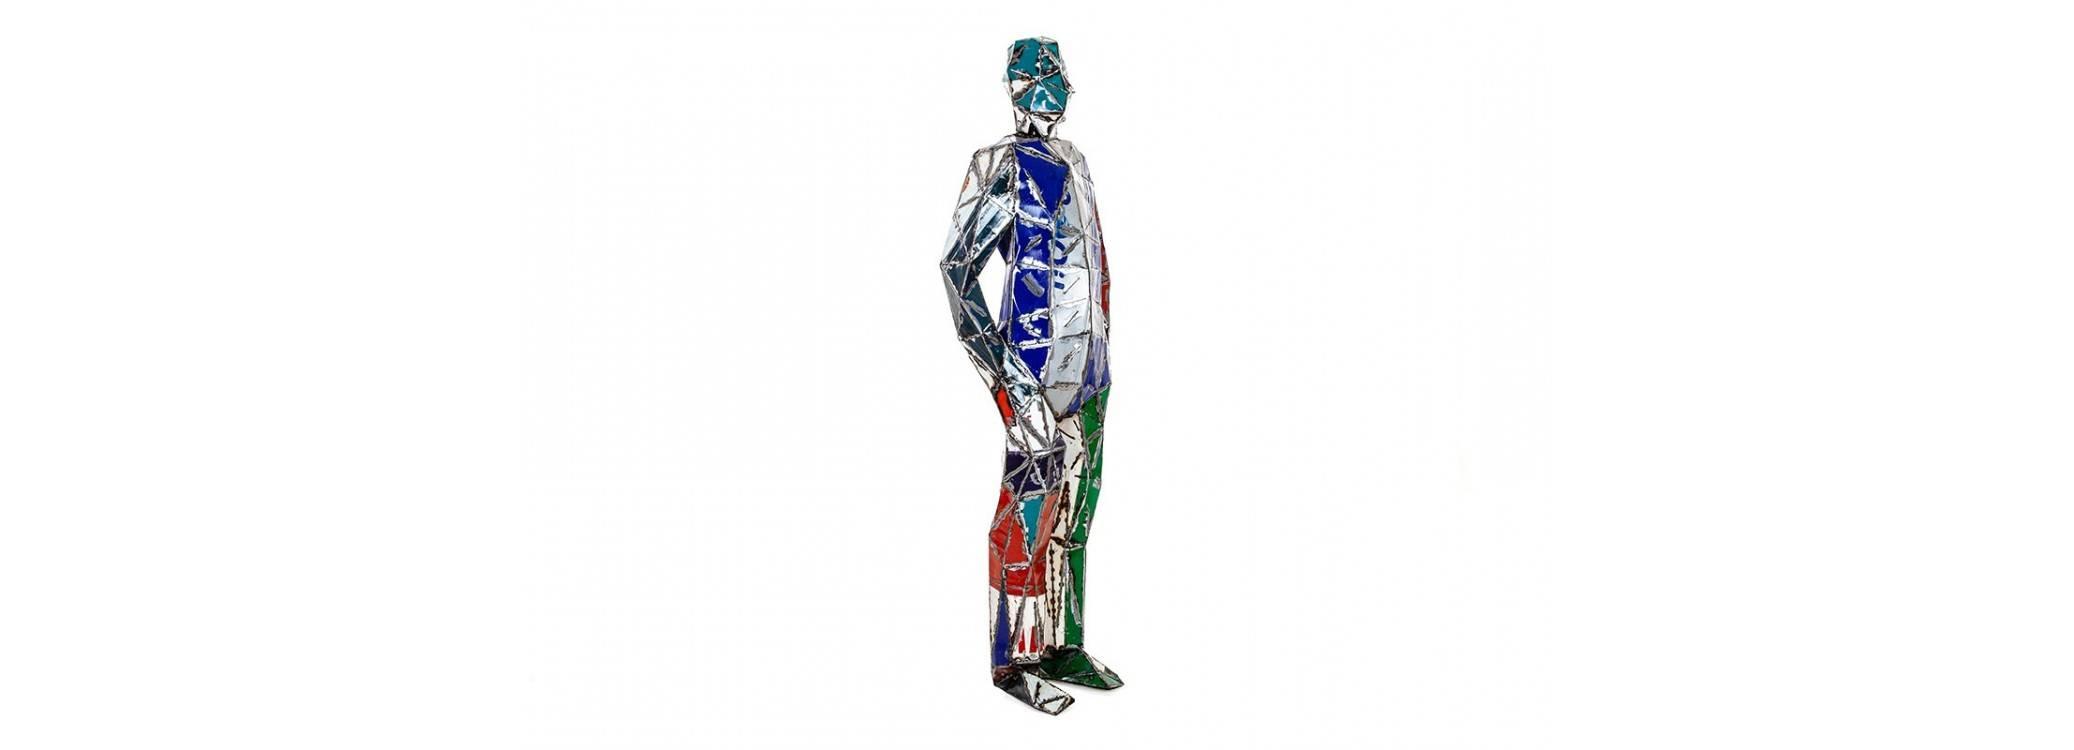 Homme debout en bidon recyclé - taille humaine